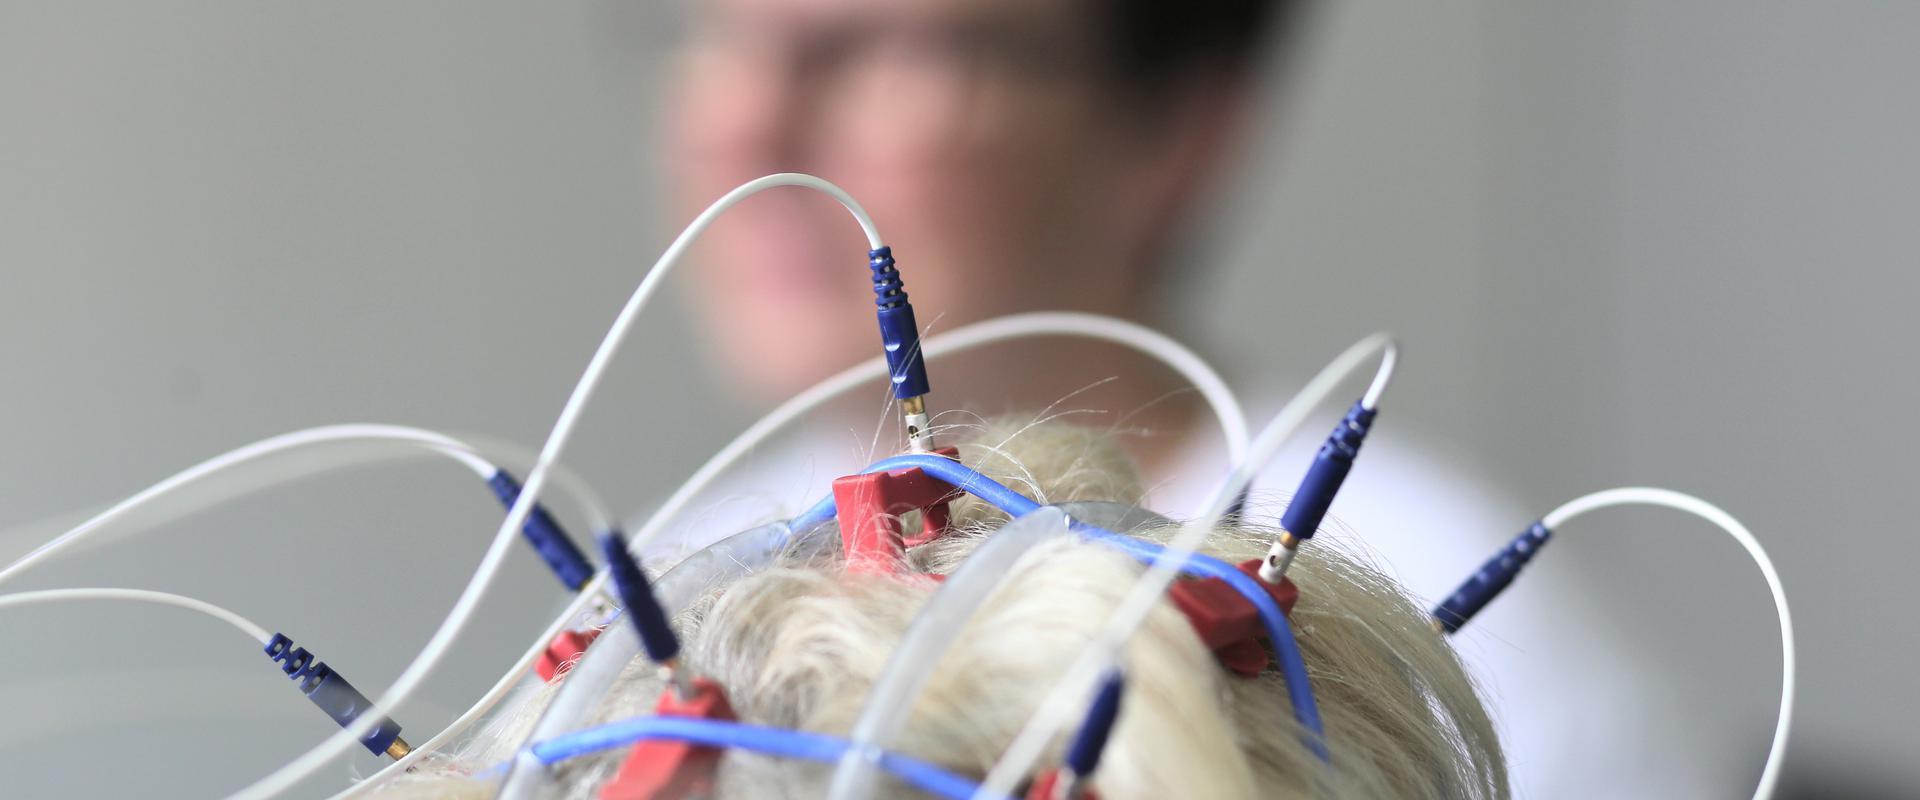 Kopf einer Patientin wurde verkabelt in der MEDIAN Buchberg-Klinik Bad Tölz